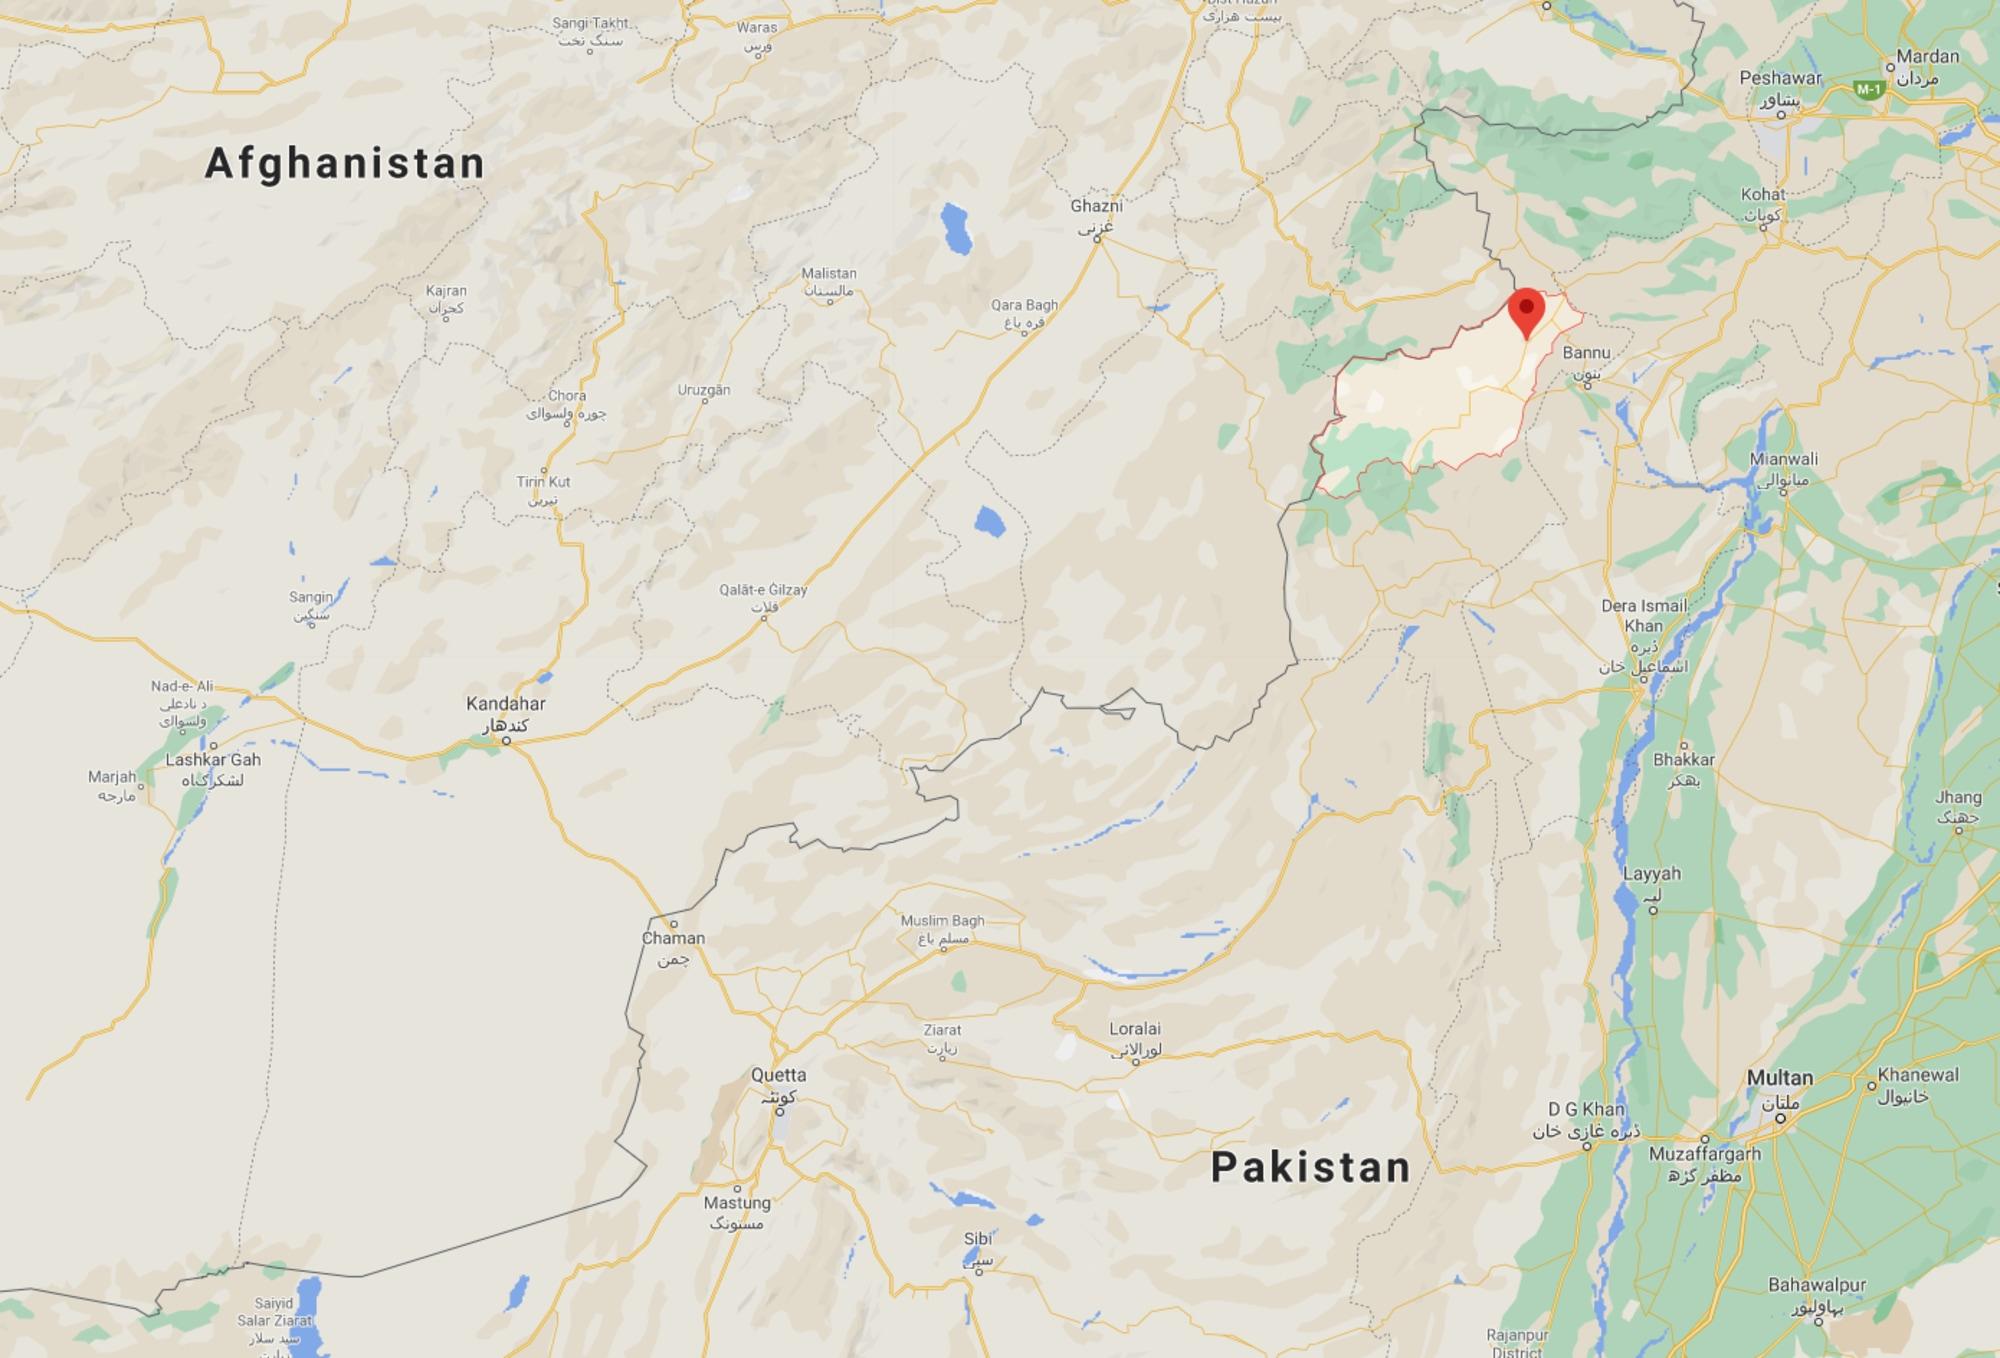 Four Women Who Ran Empowerment Workshops Killed by Gunmen in Pakistan